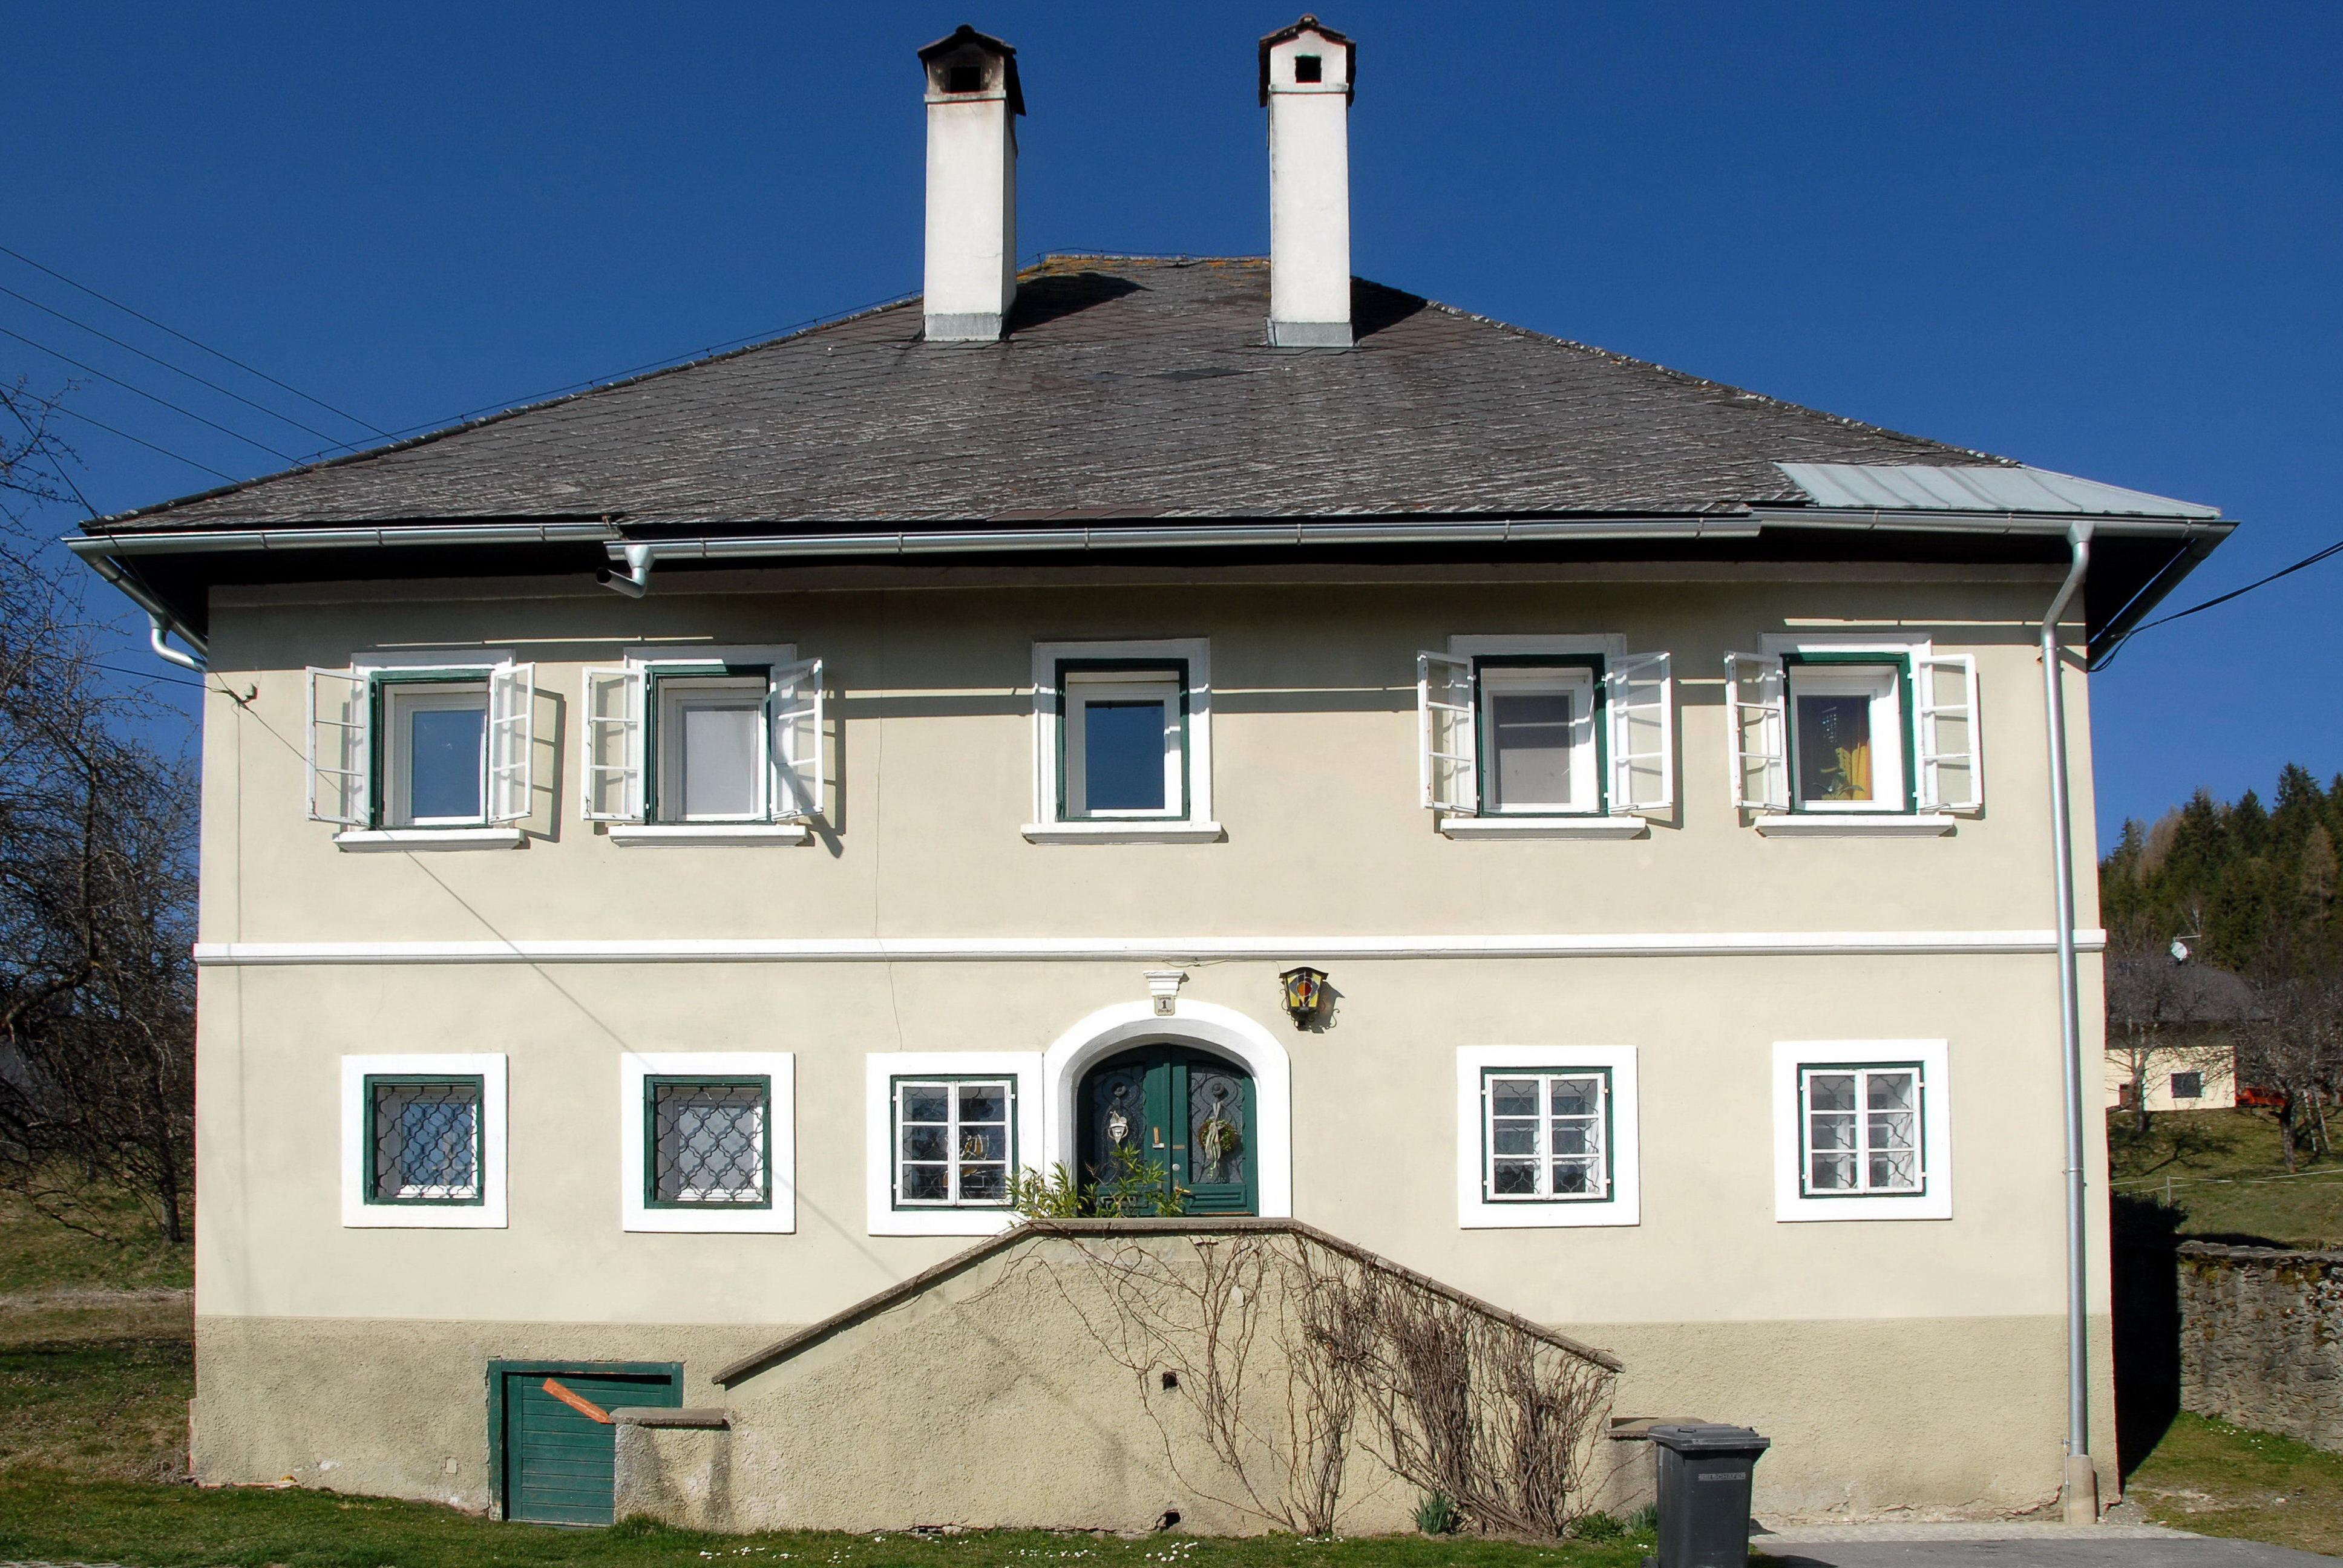 Datei:Liebenfels Burgruine kleiner Turm 04082007 comunidadelectronica.com